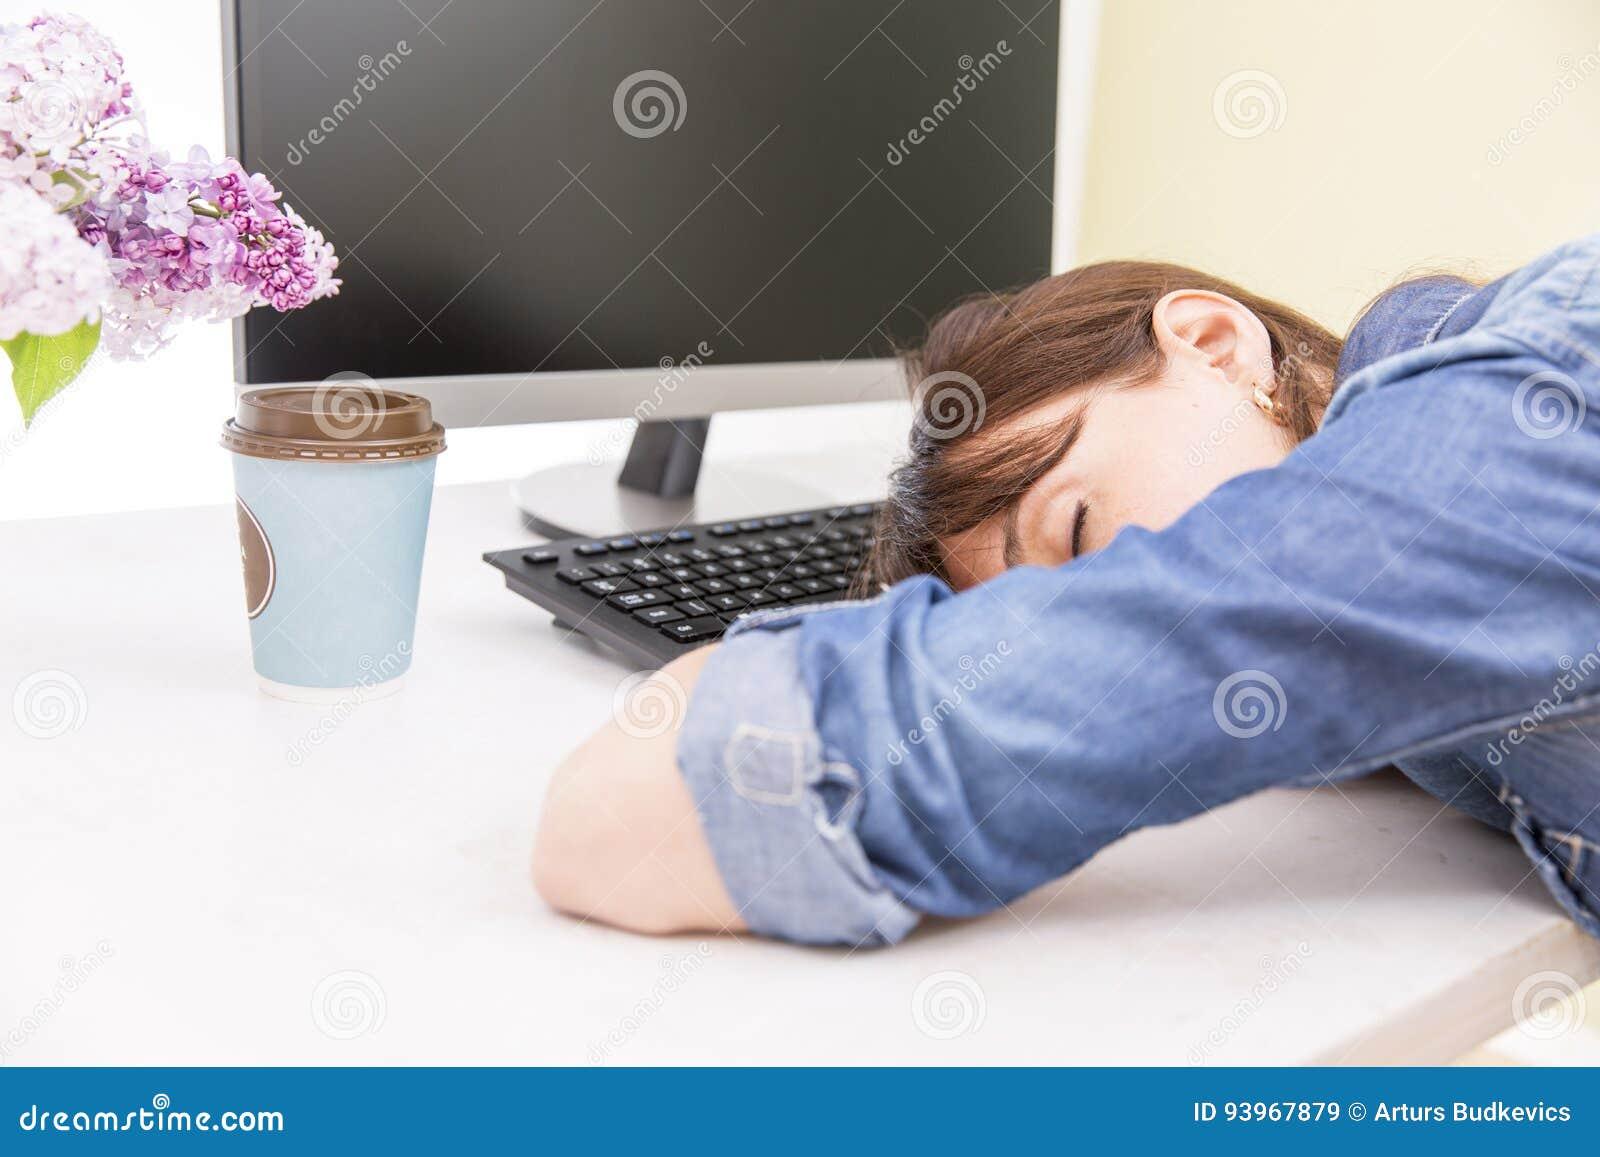 Młoda ładna kobieta męcząca i wyczerpująca pracy lying on the beach na stole przed komputerem i brać przerwę